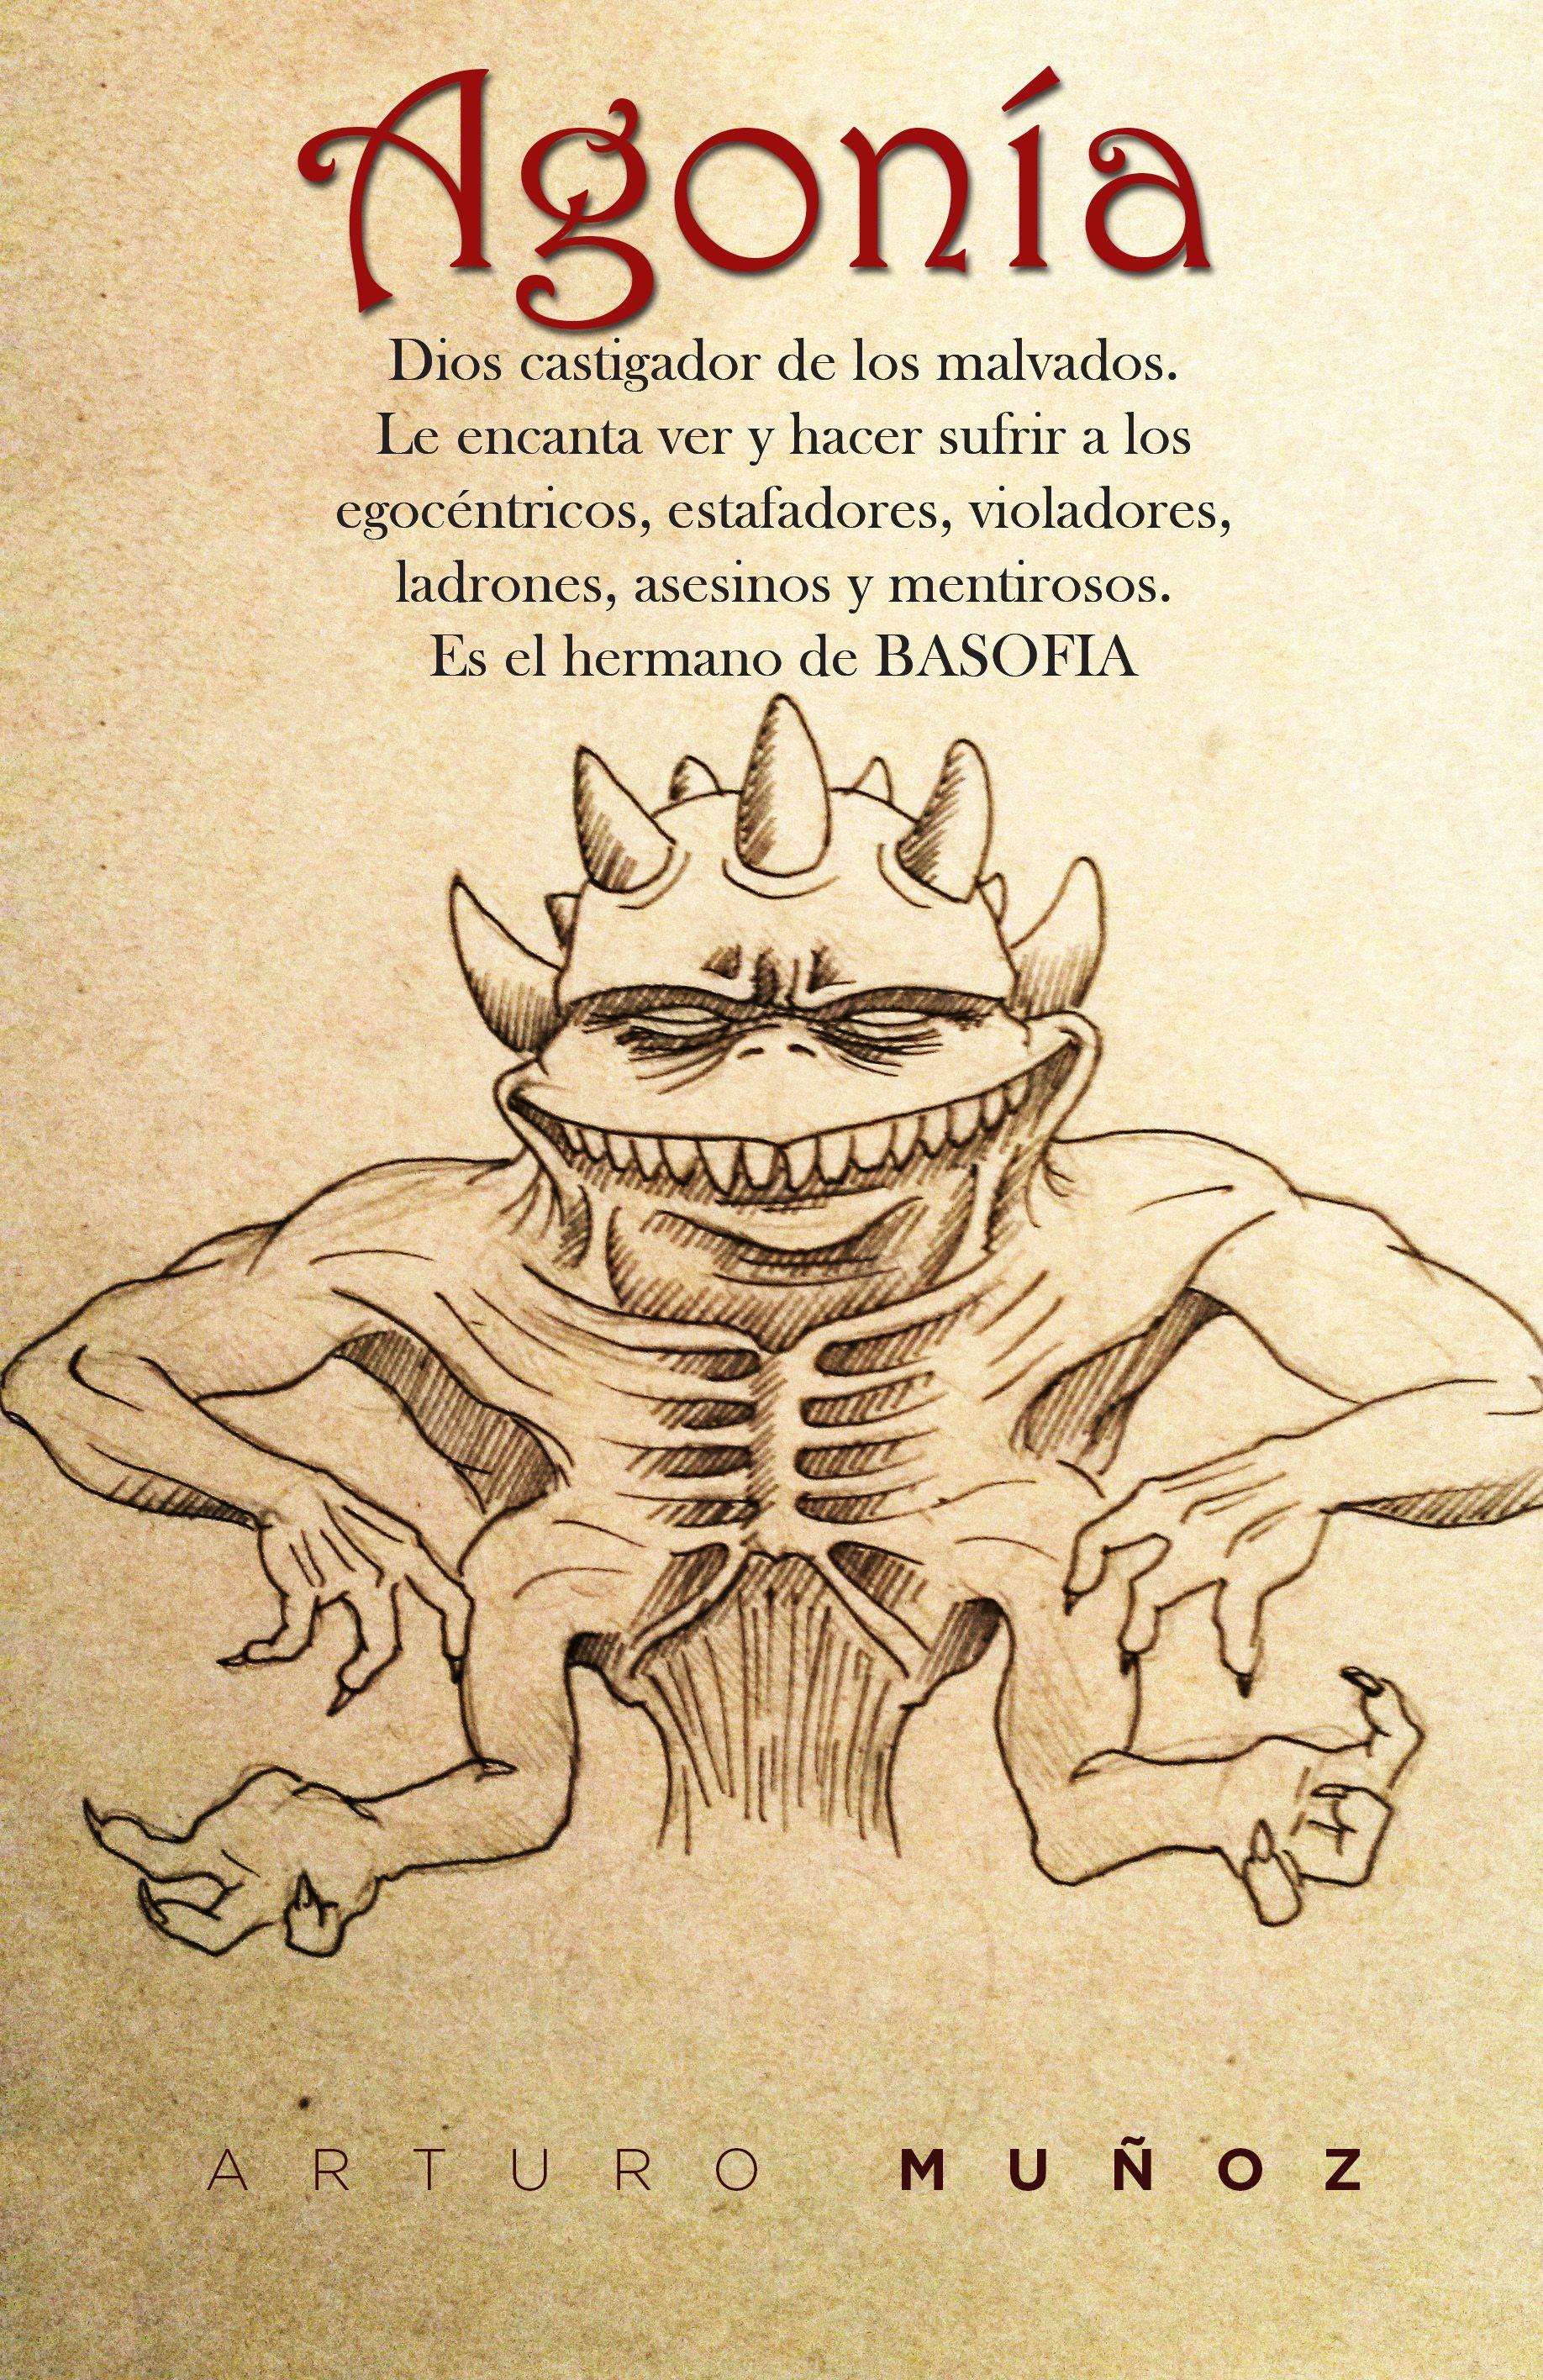 Agonía -  ilustración de personajes.